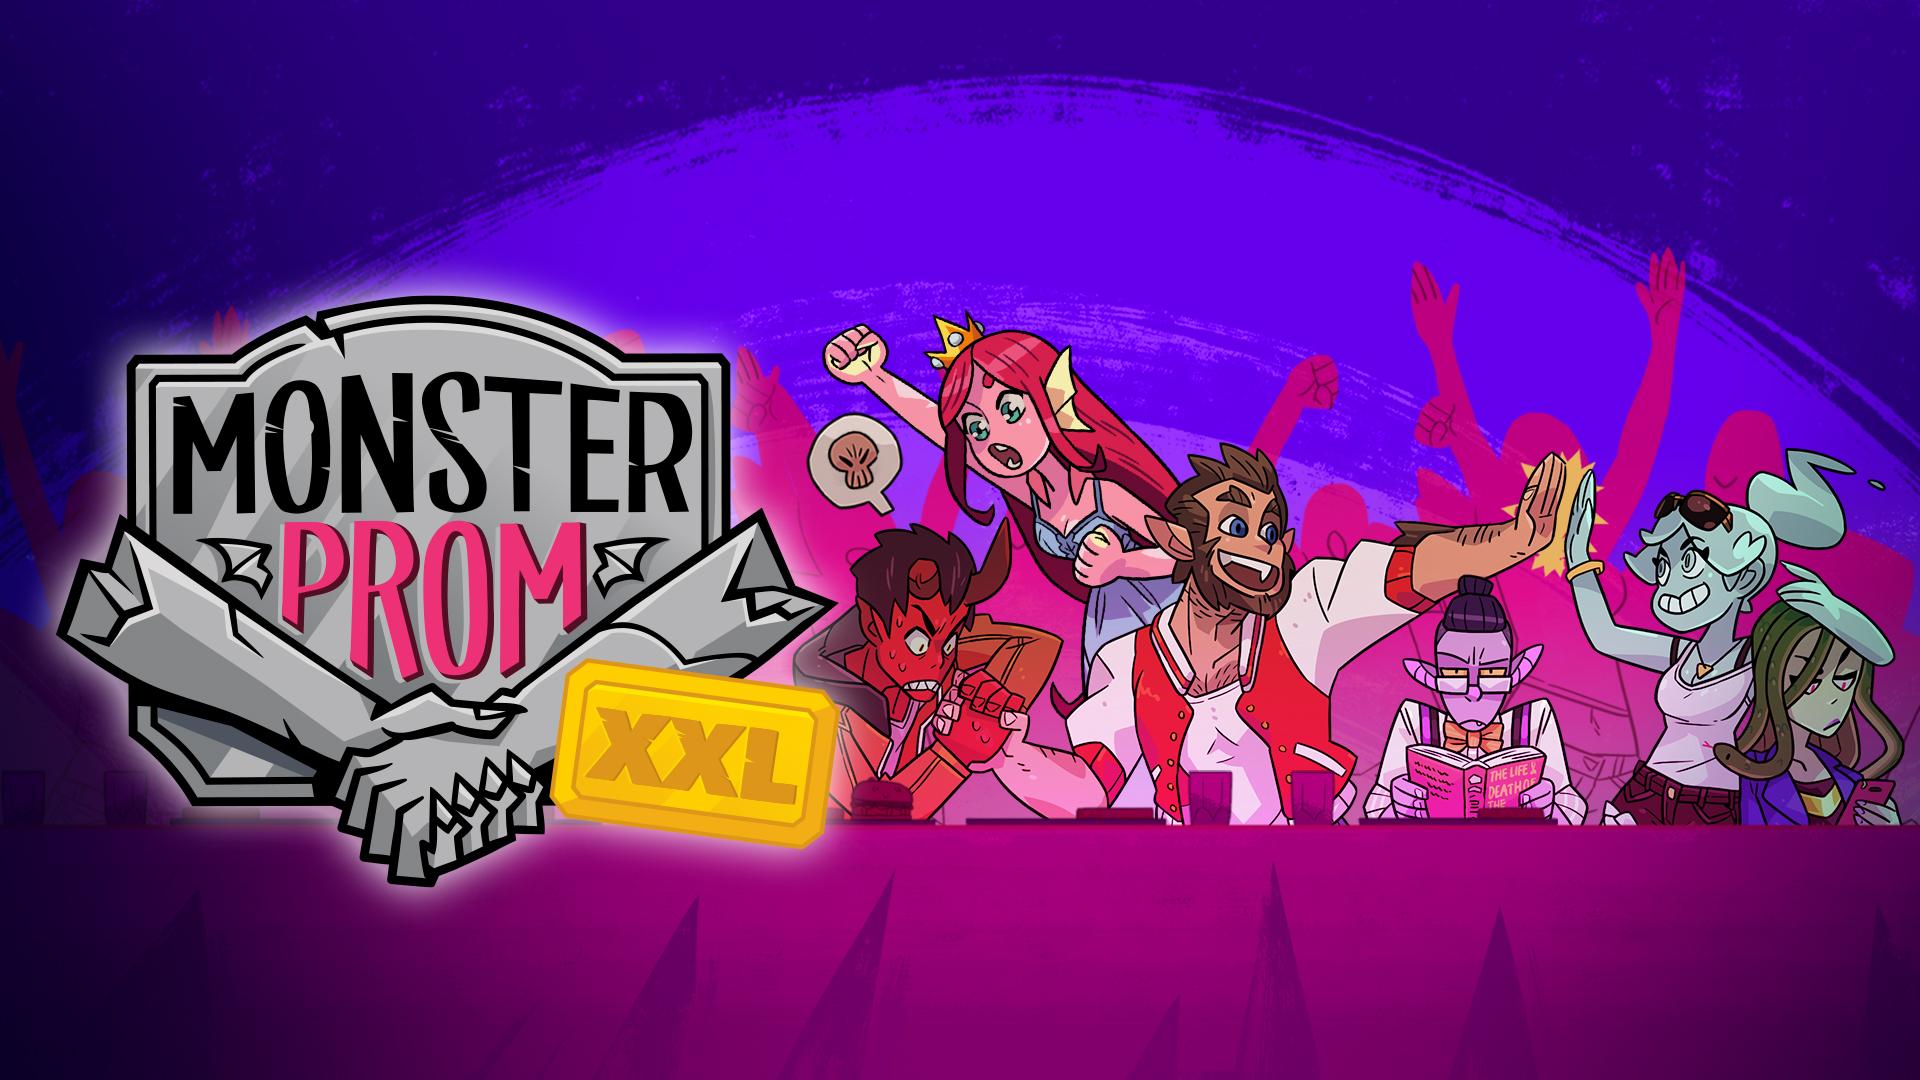 monster prom xxl switch hero